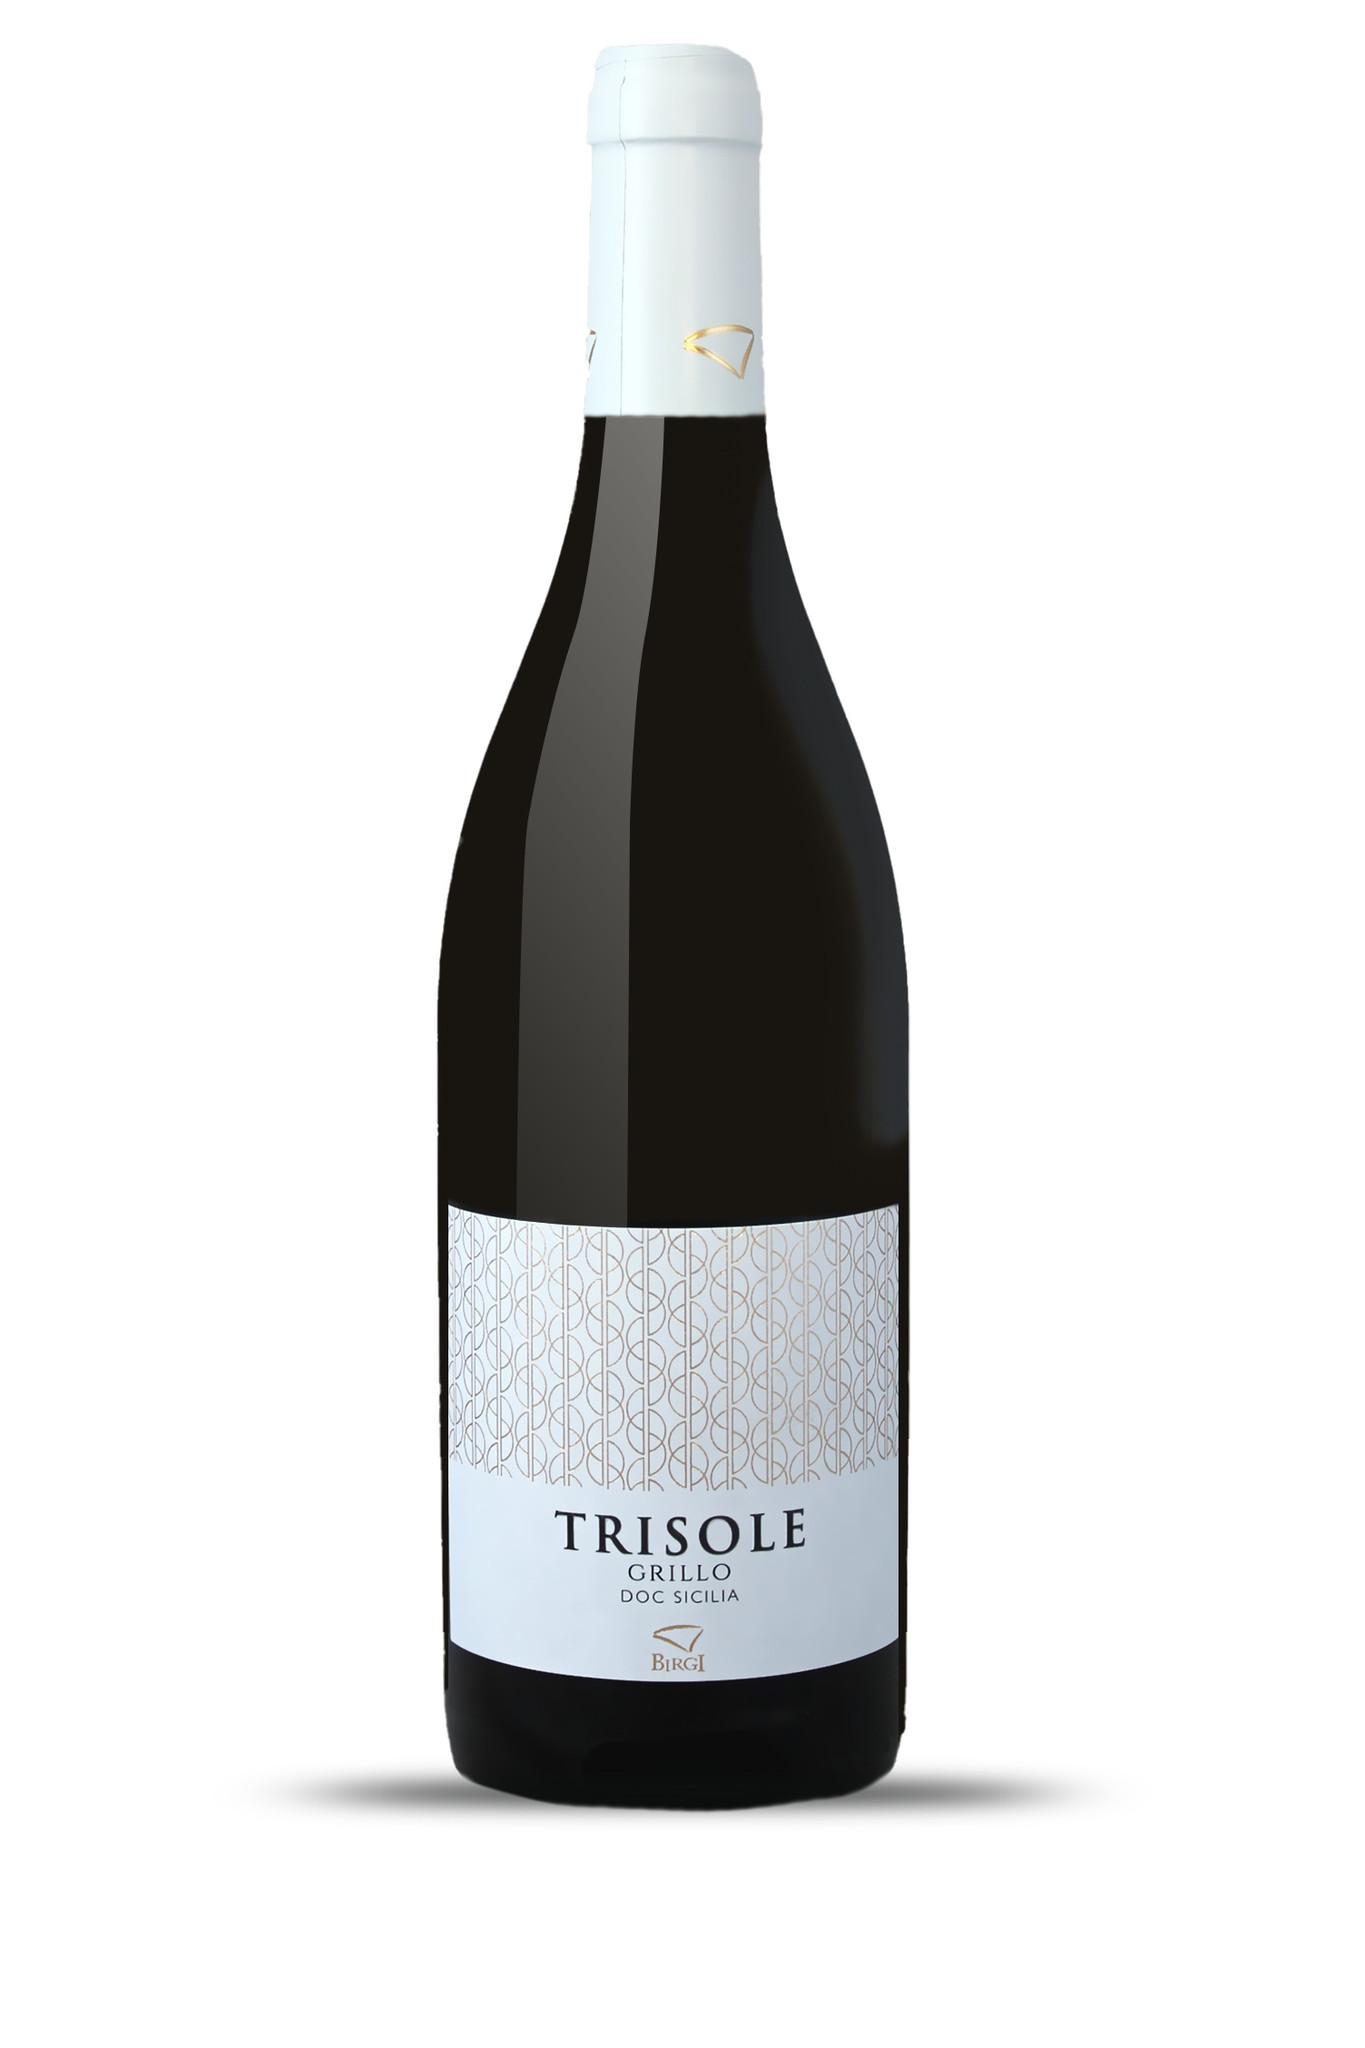 Trisole Grillo DOC Sicilia-1